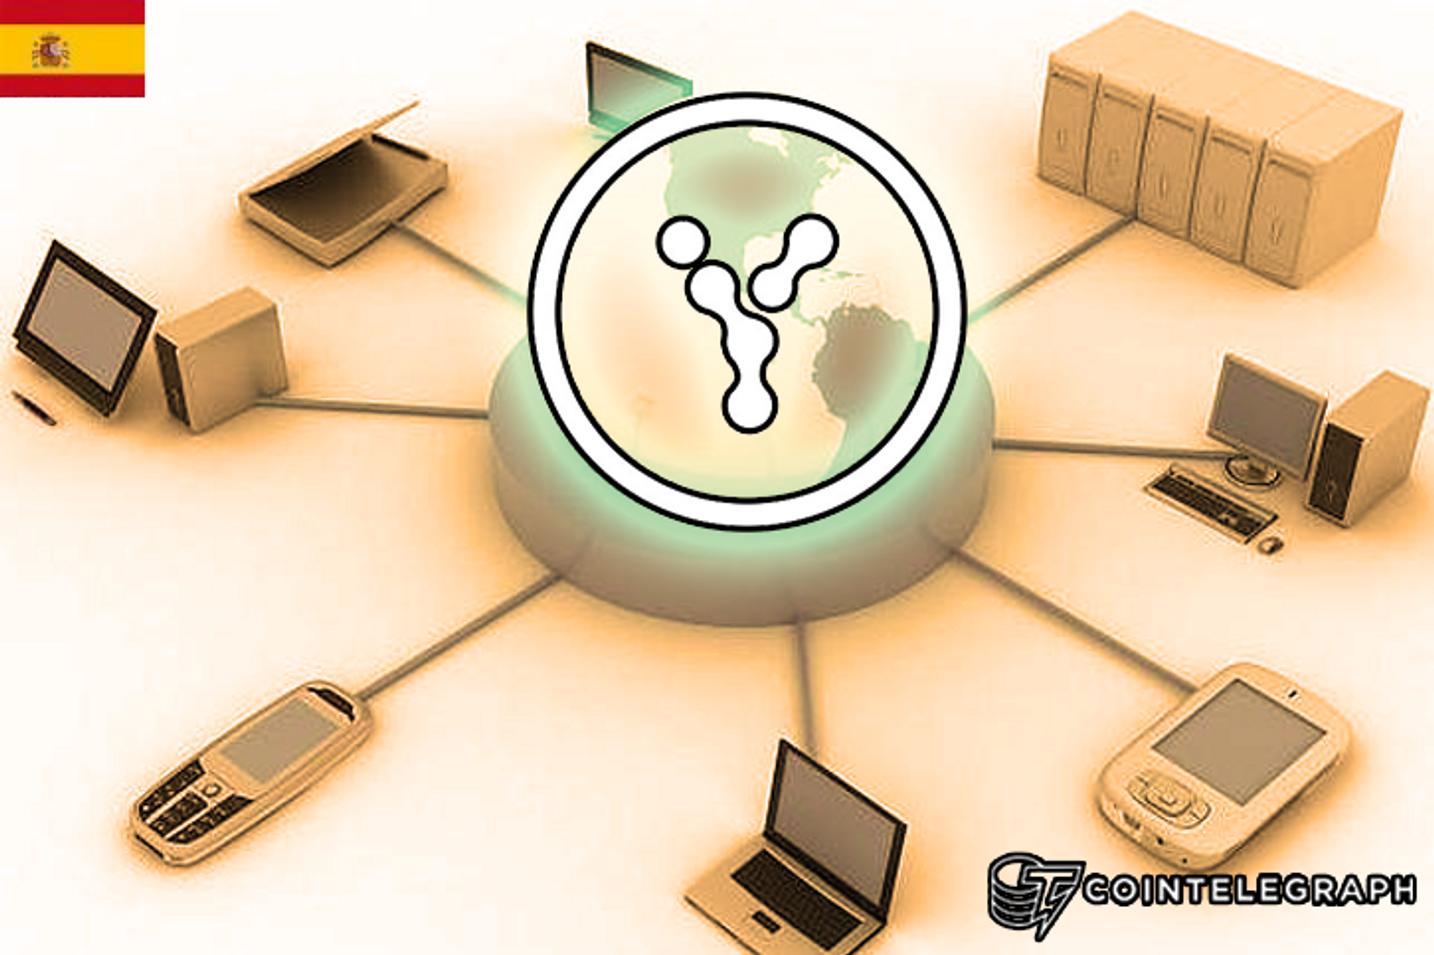 Yours, la nueva plataforma de contenidos basada en Blockchain